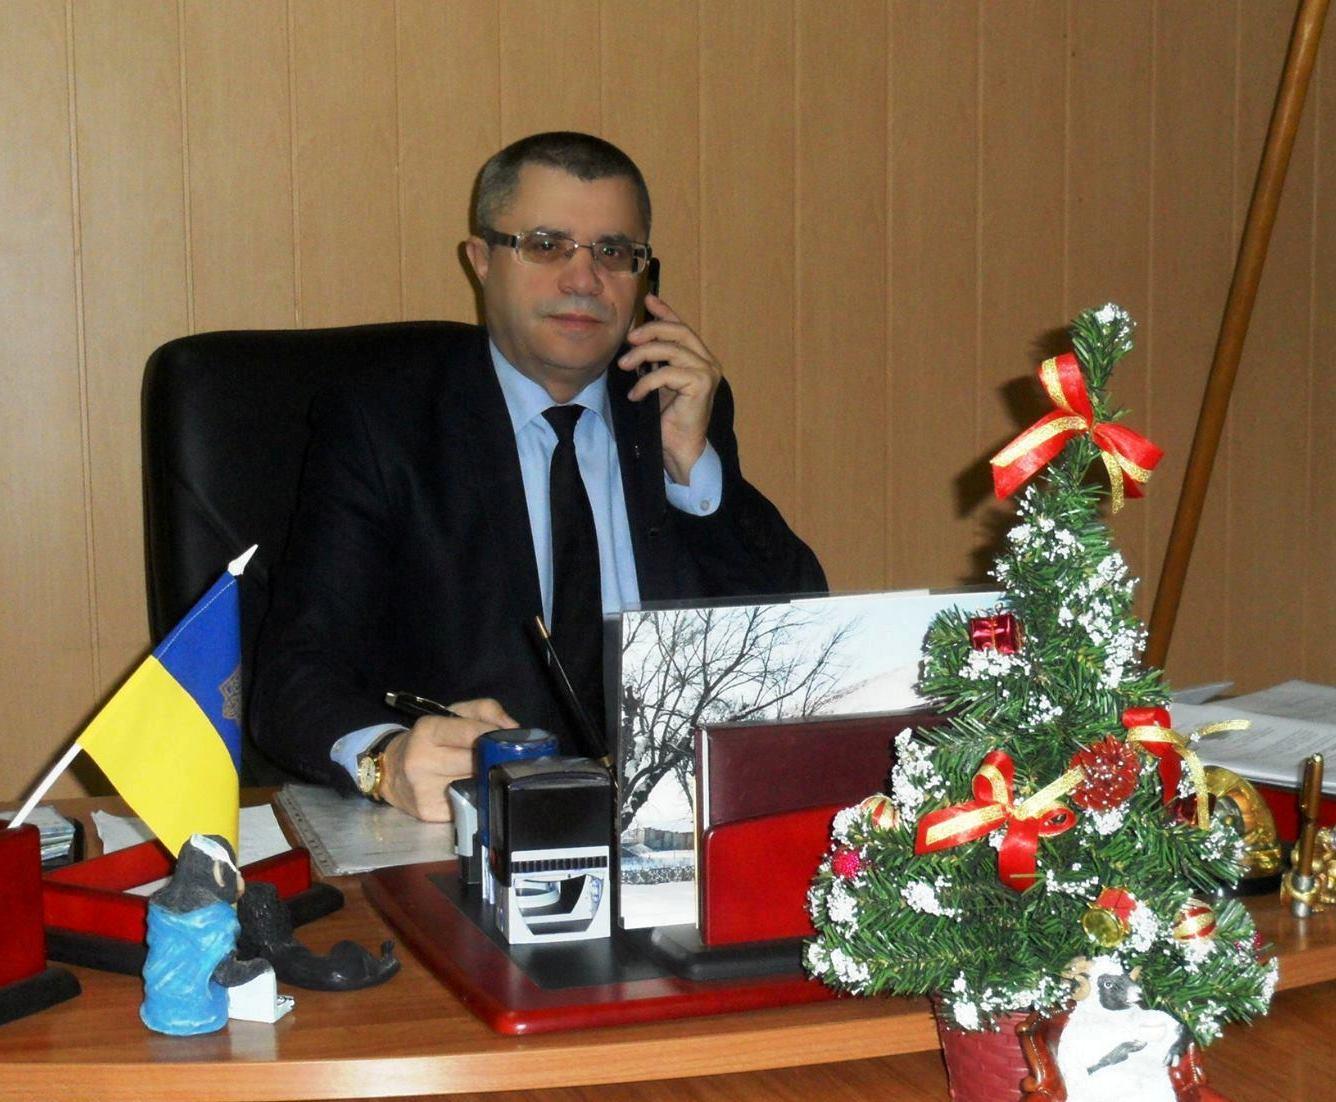 Селищний голова Чинадієва анонсував генеральне прибирання сміття у руслі Латориці